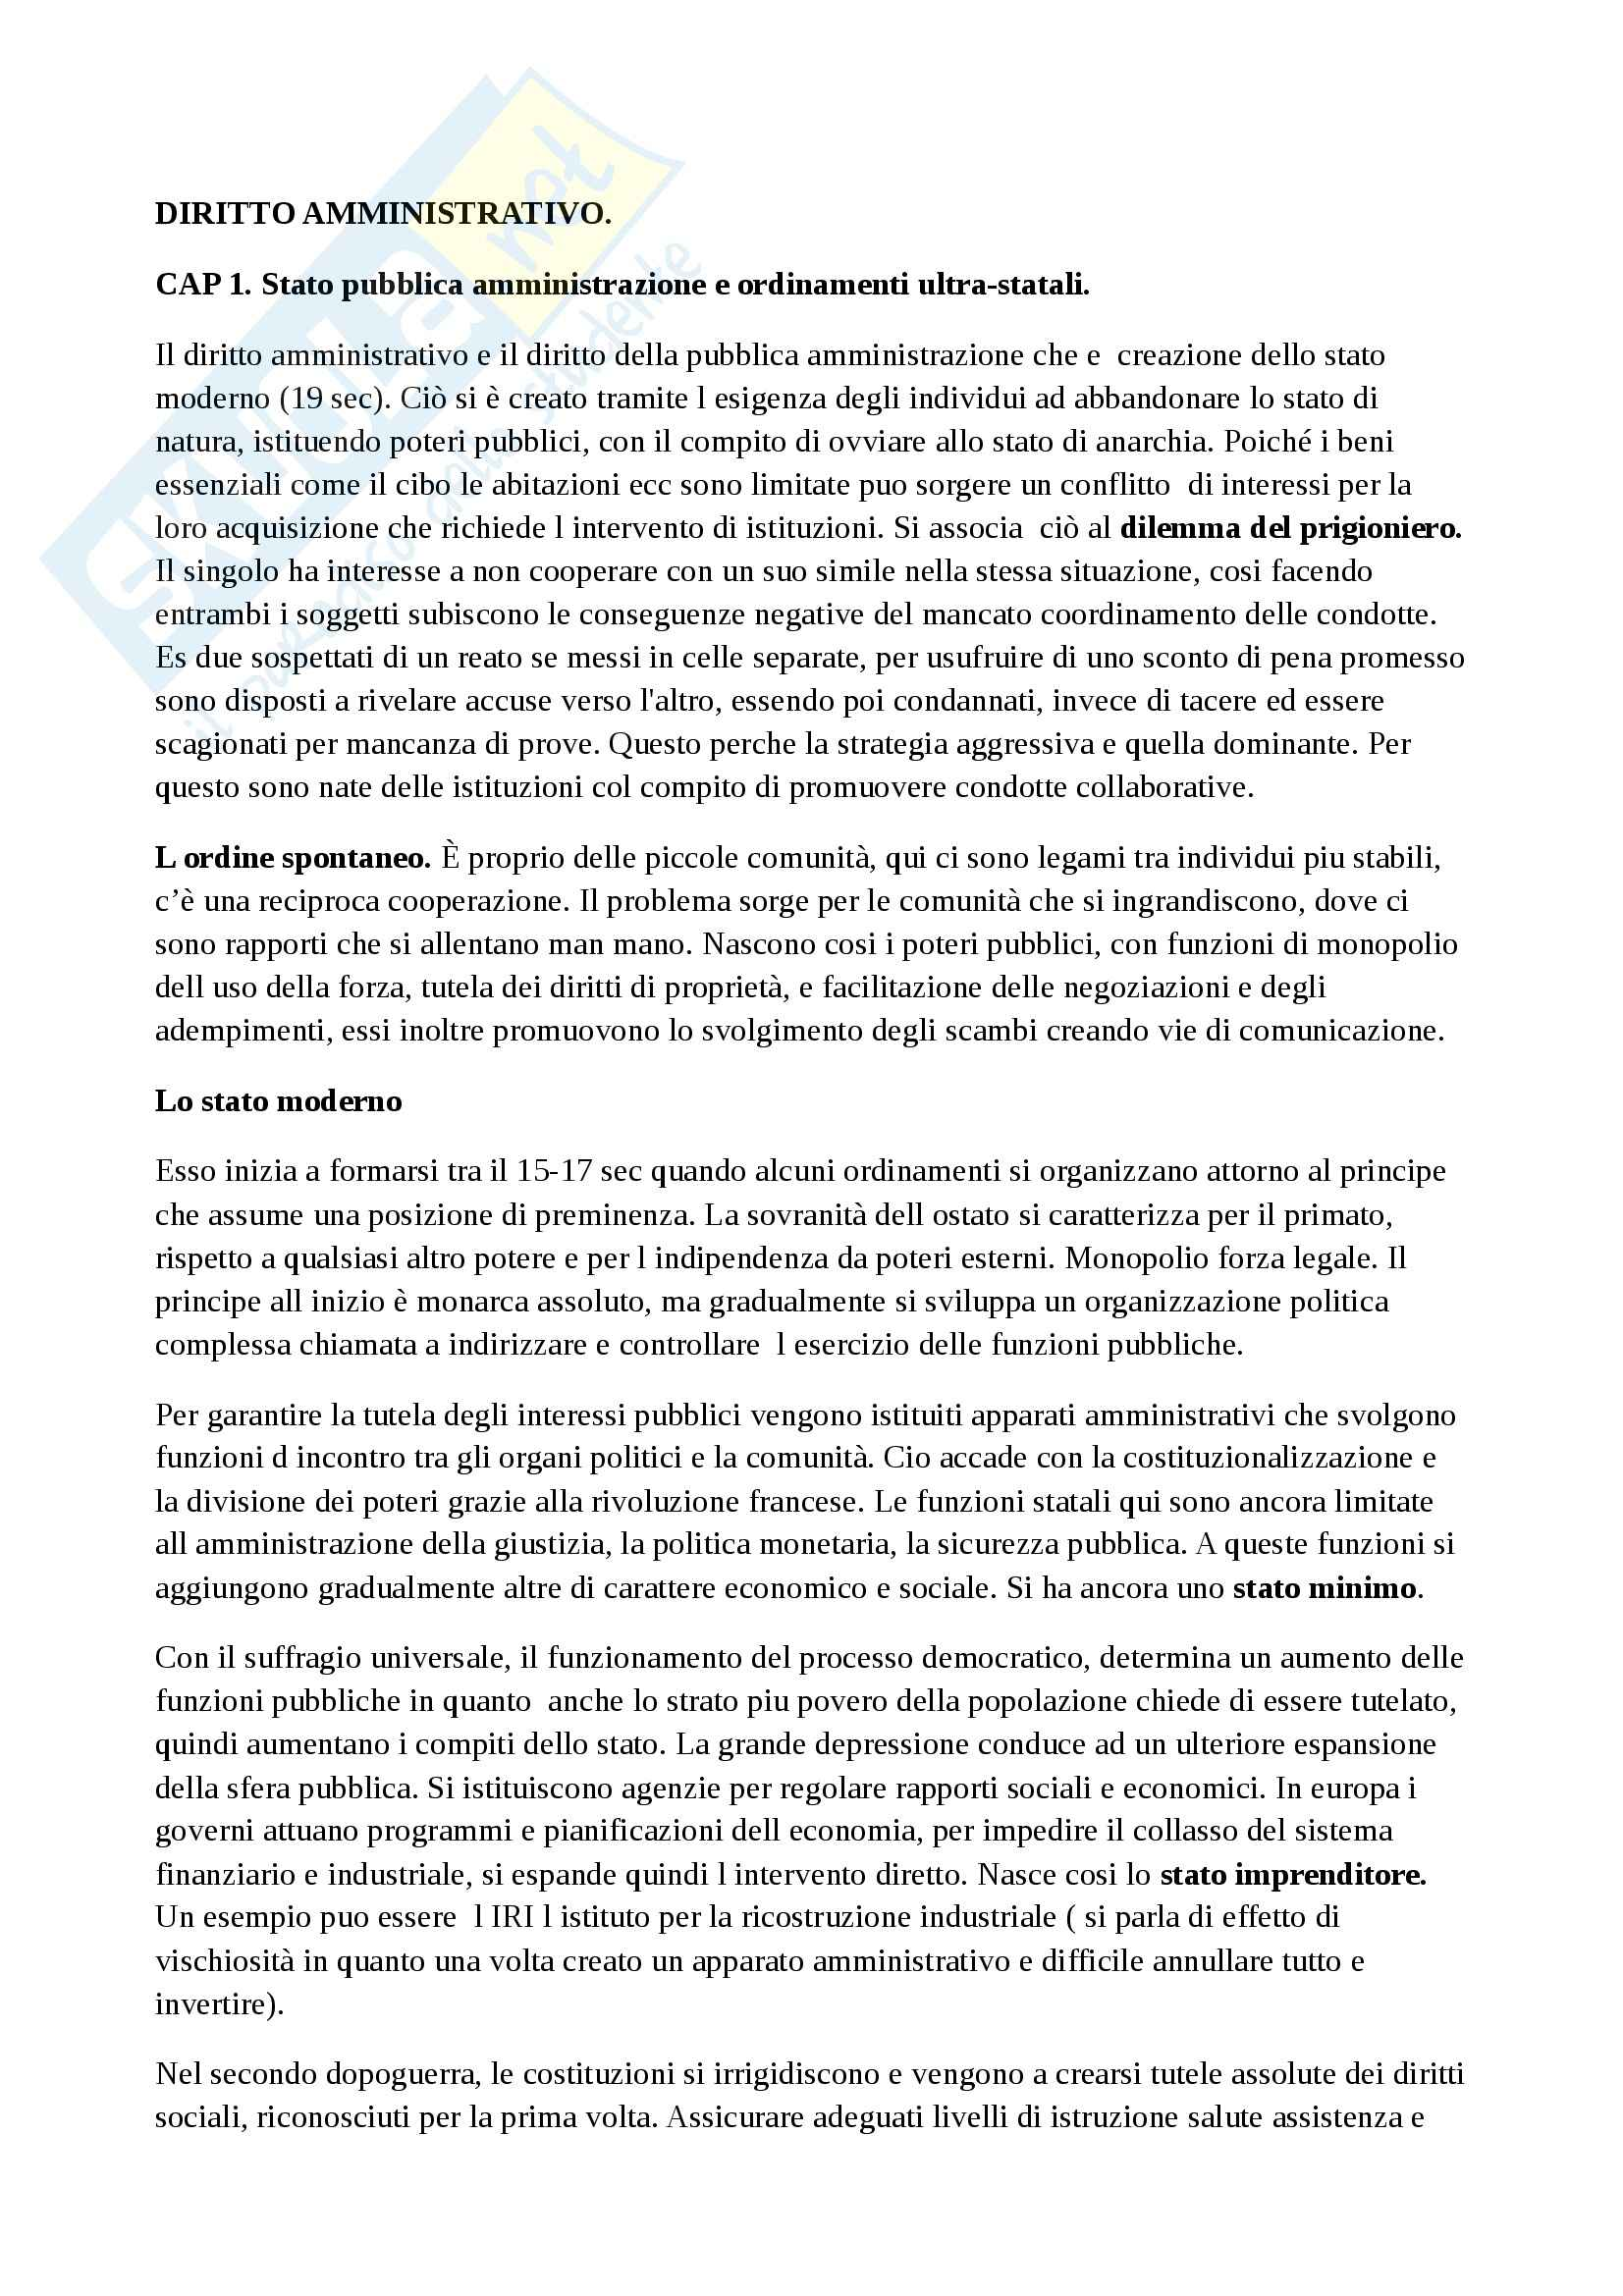 appunto G. Napolitano Diritto amministrativo